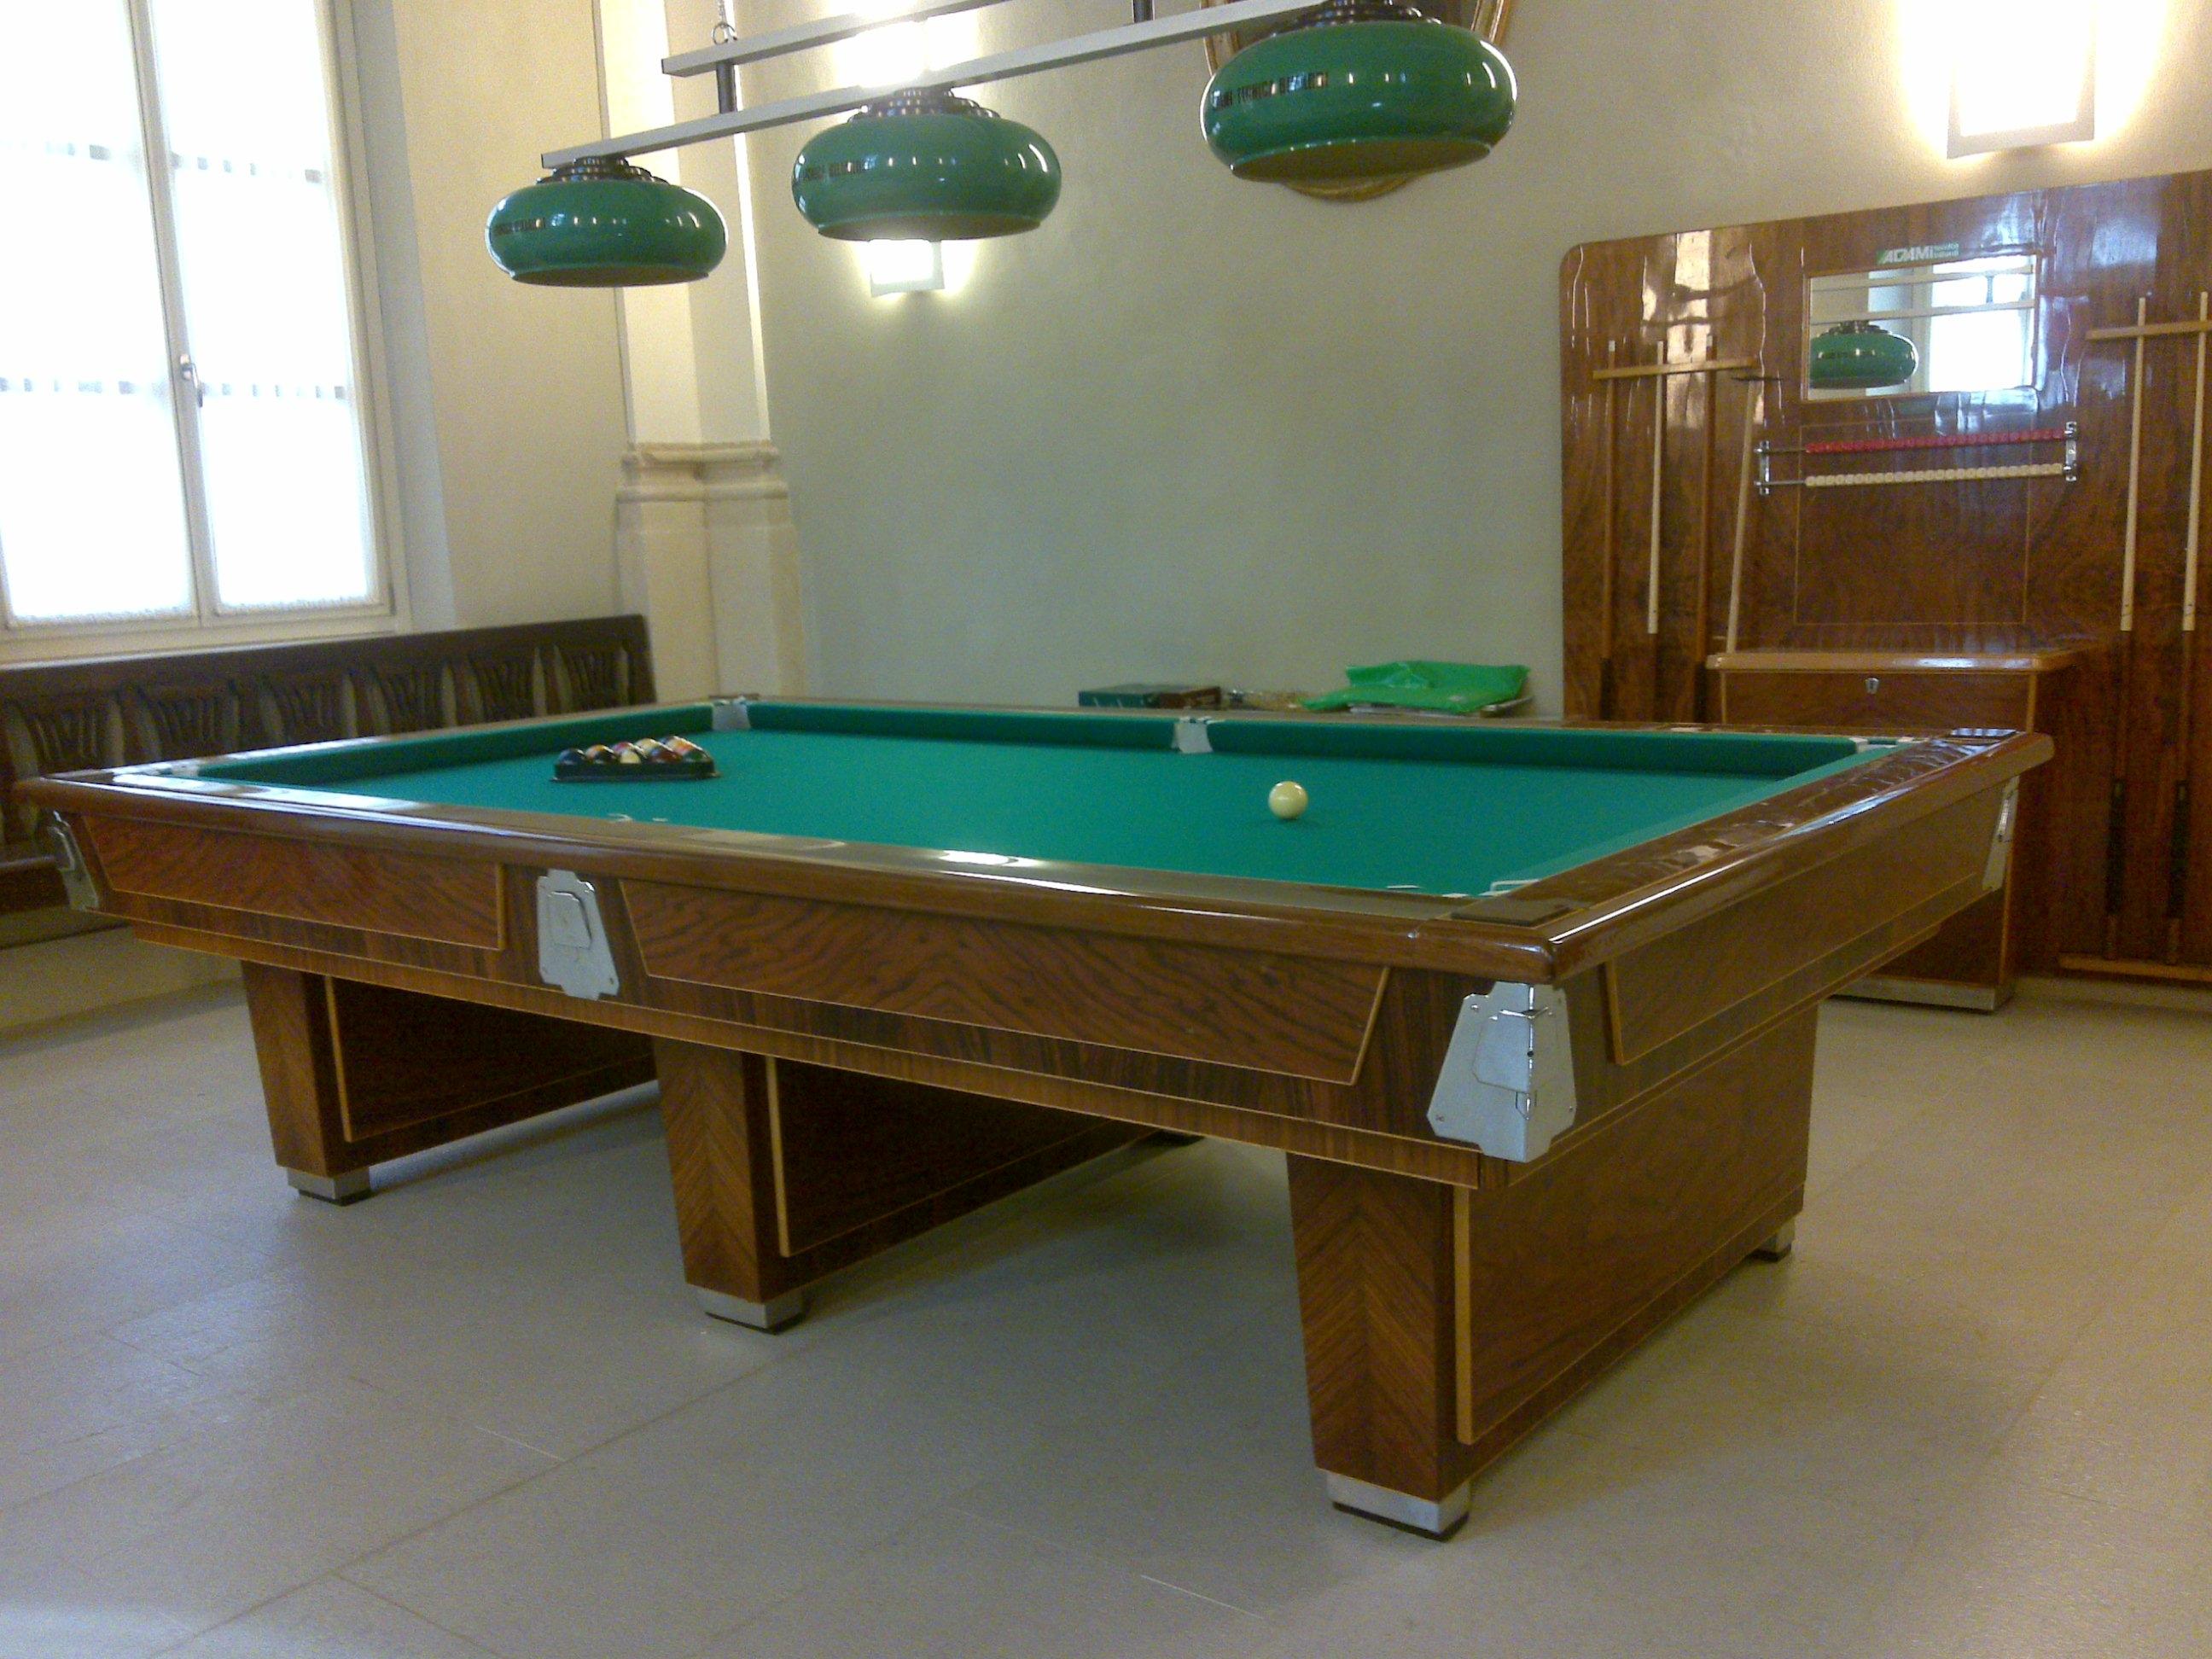 Tavolo Da Biliardo E Pranzo Usato  madgeweb.com idee di interior design